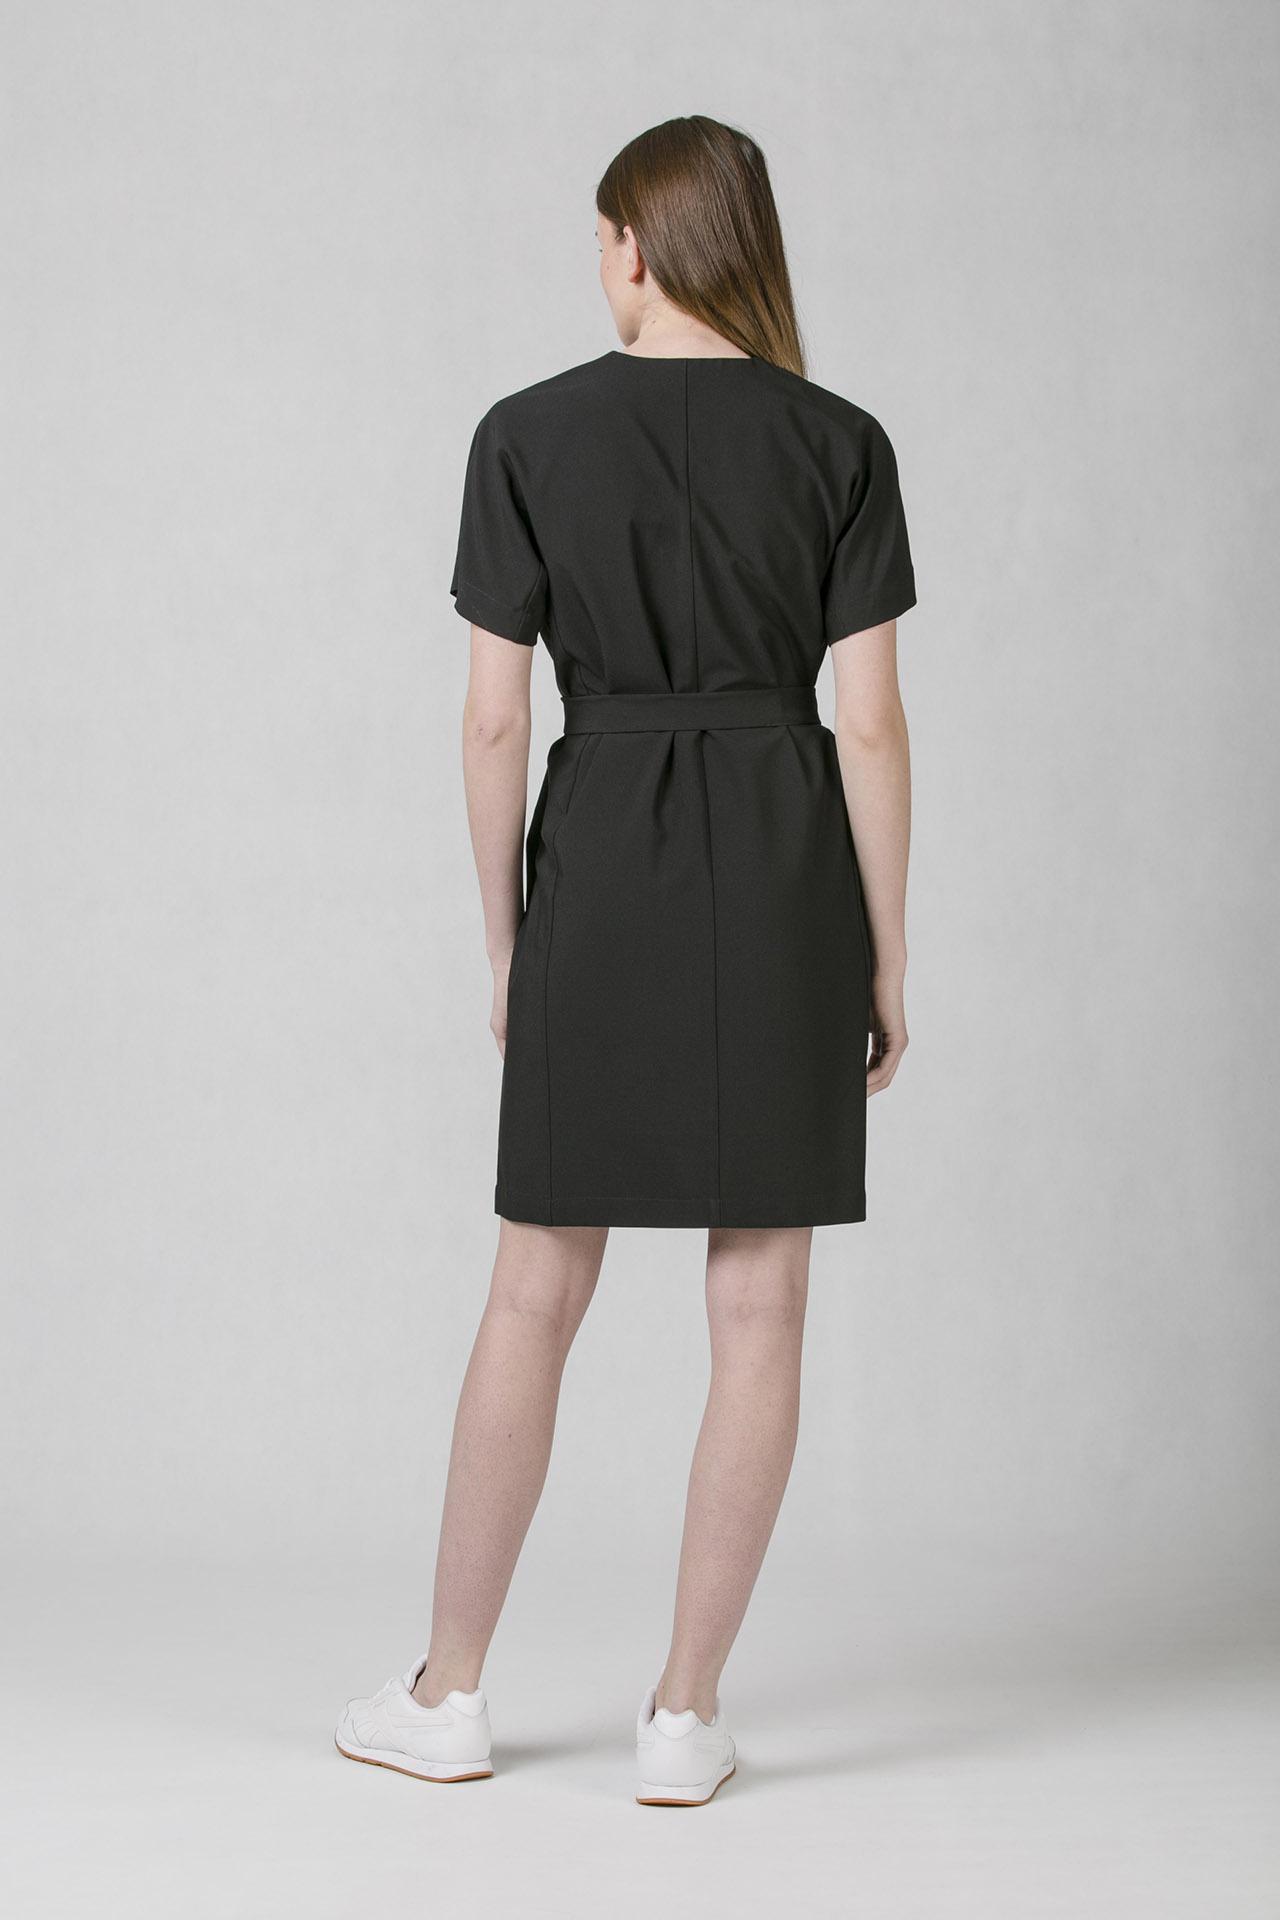 Společenské šaty černé Oneday s decentním V výstřihem 80448a387a